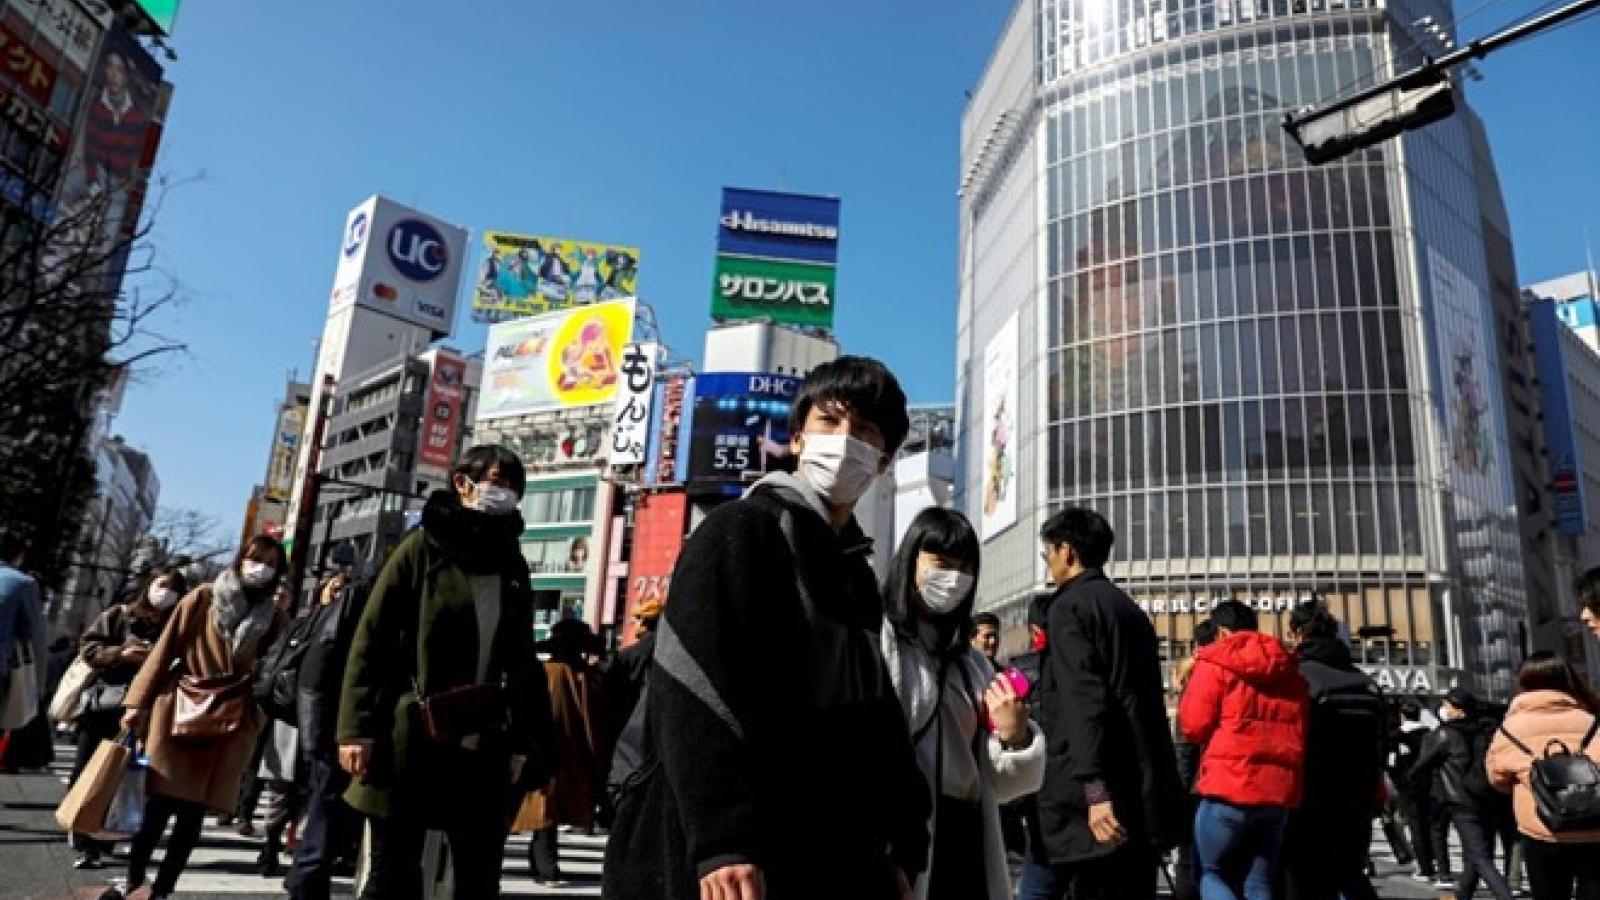 Tokyo (Nhật Bản) nâng cảnh báo Covid-19 lên mức nghiêm trọng nhất